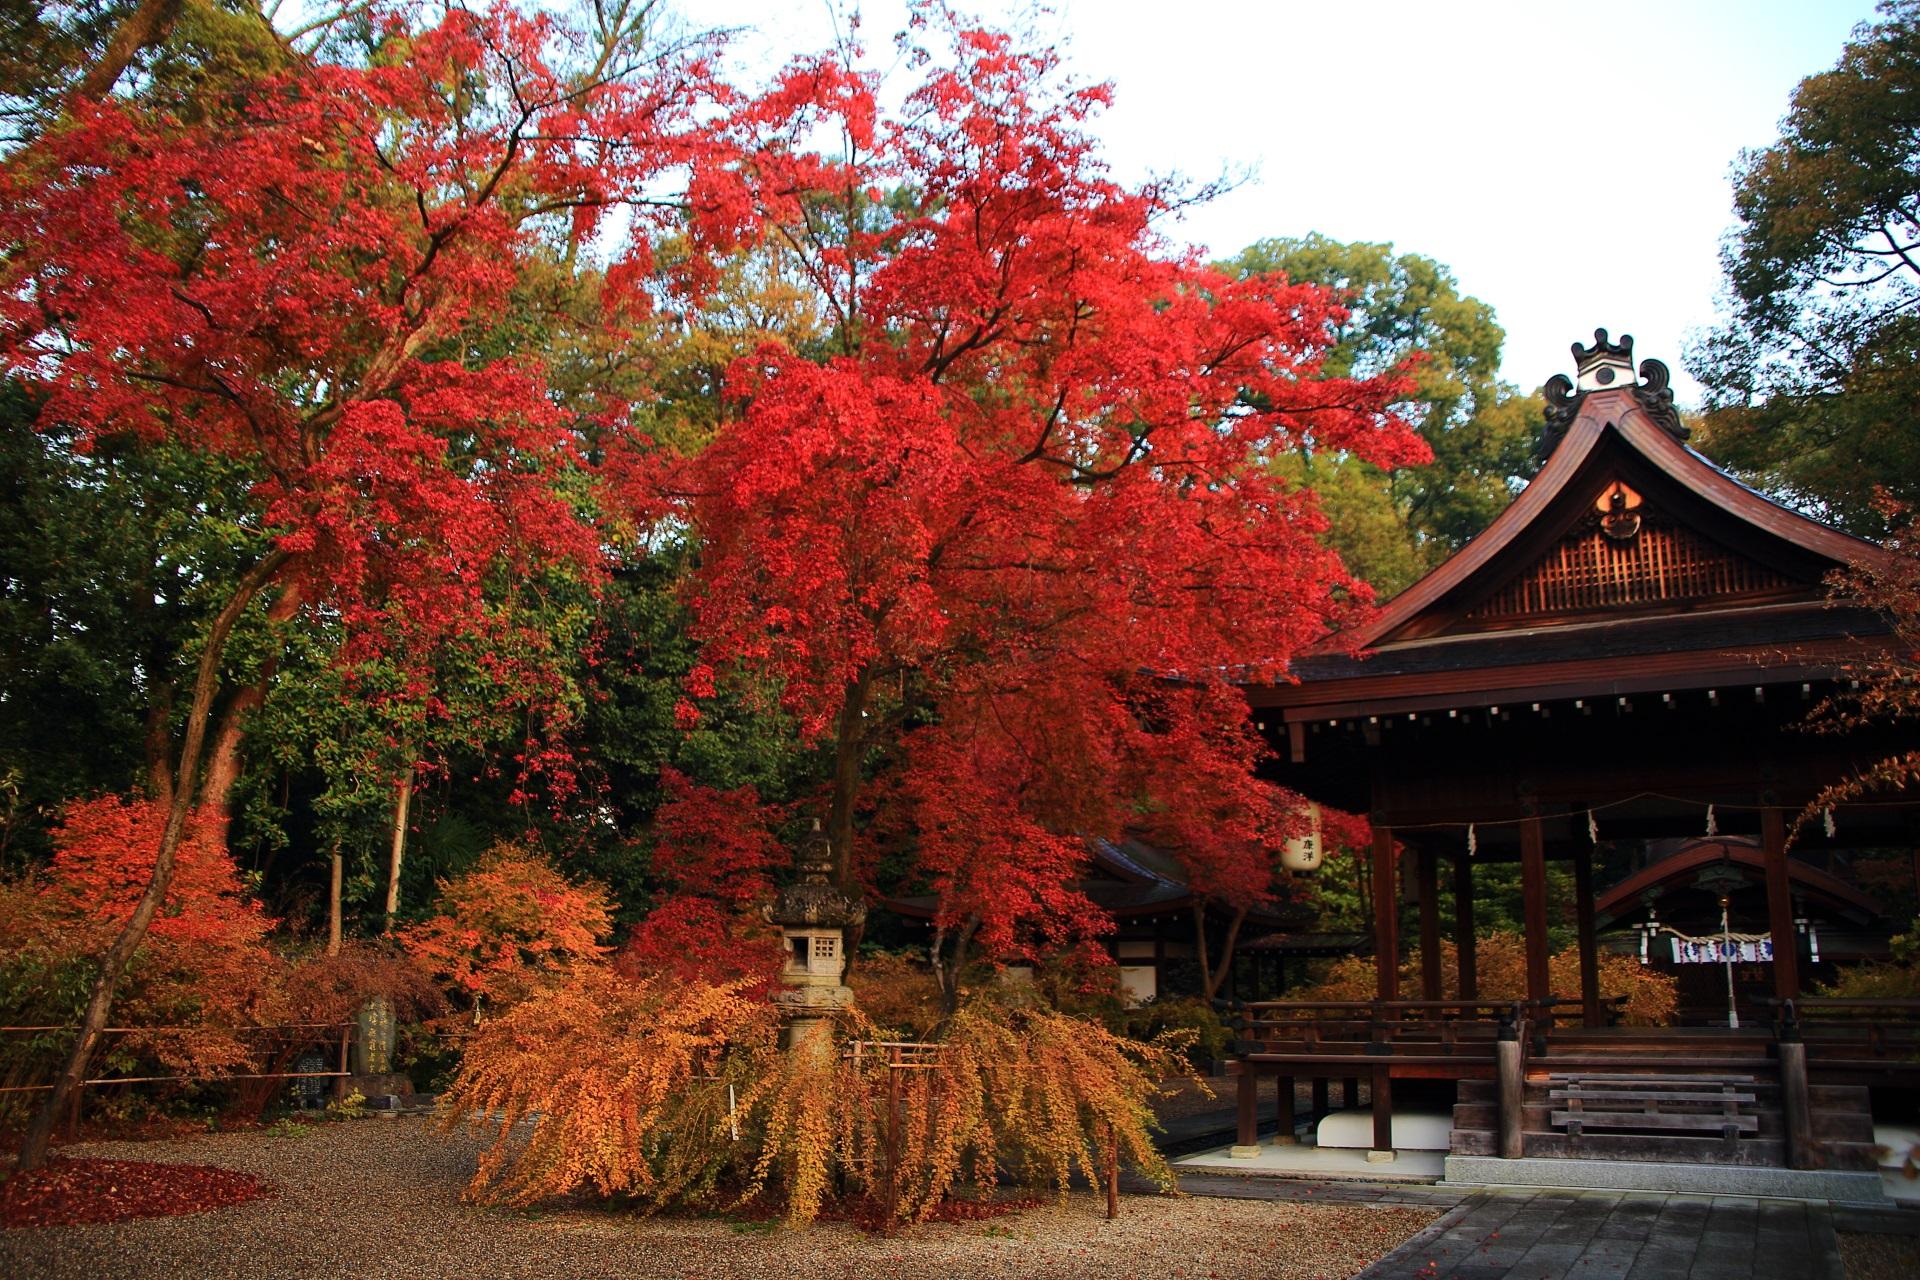 梨木神社の絶品の紅葉と情景